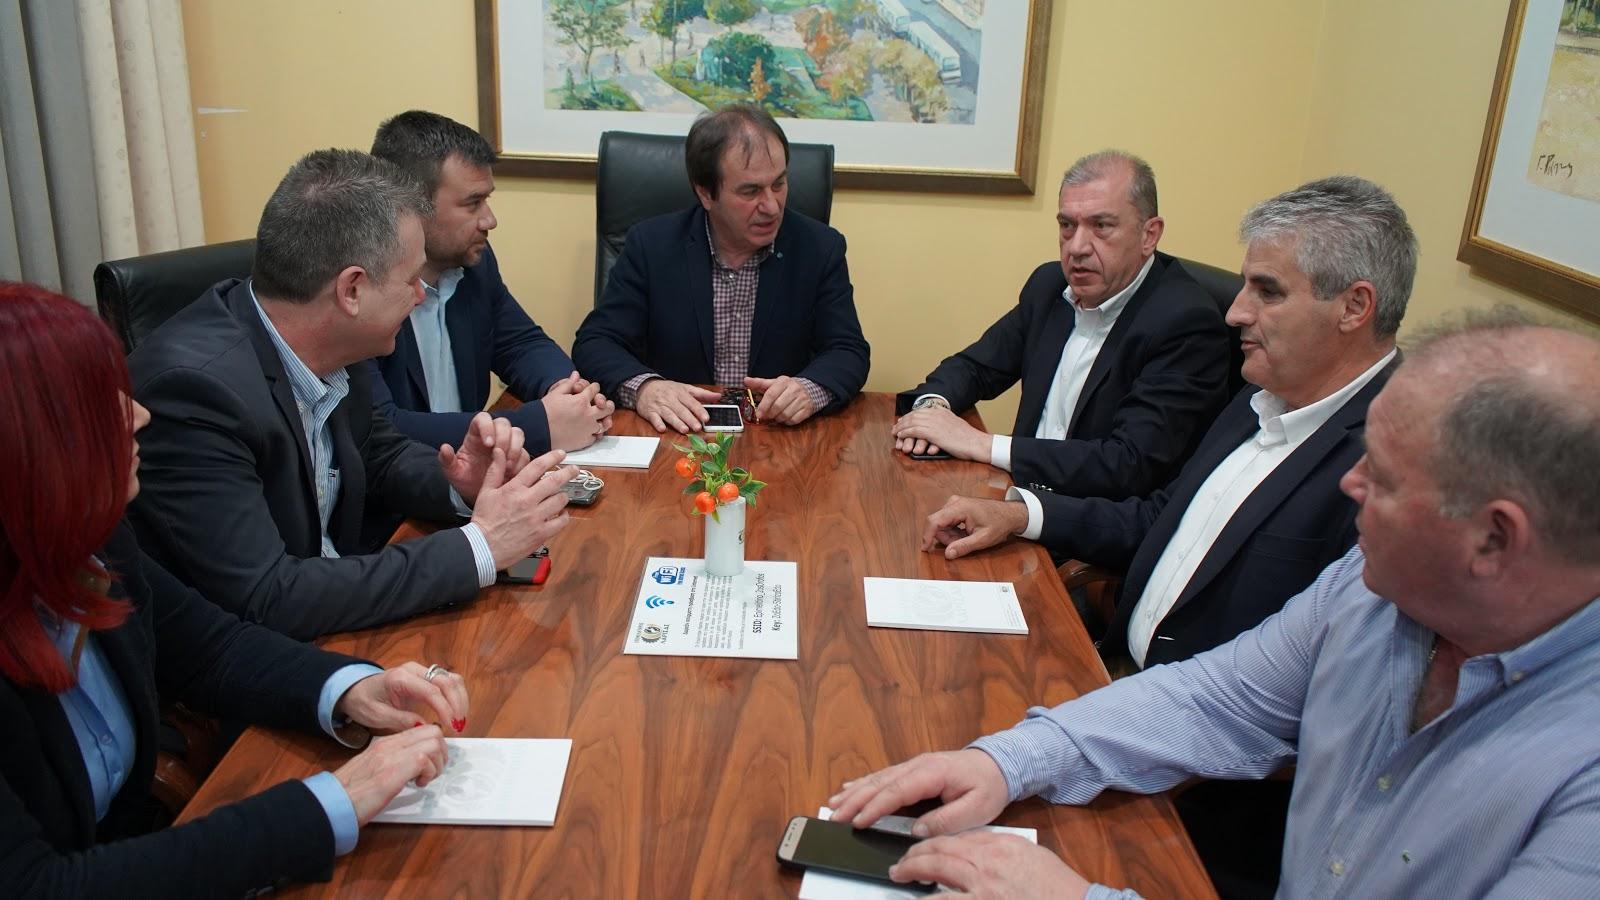 Συνάντηση Προέδρου Περιφερειακού Συμβουλίου στο Επιμελητήριο Λάρισας